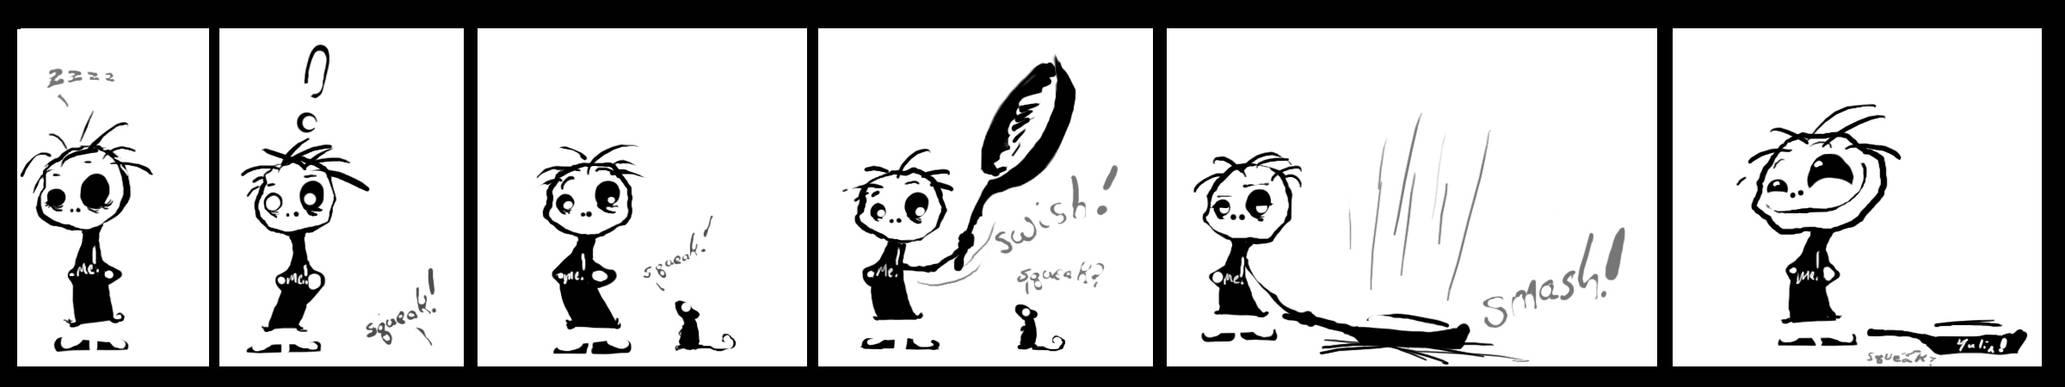 comic no.1